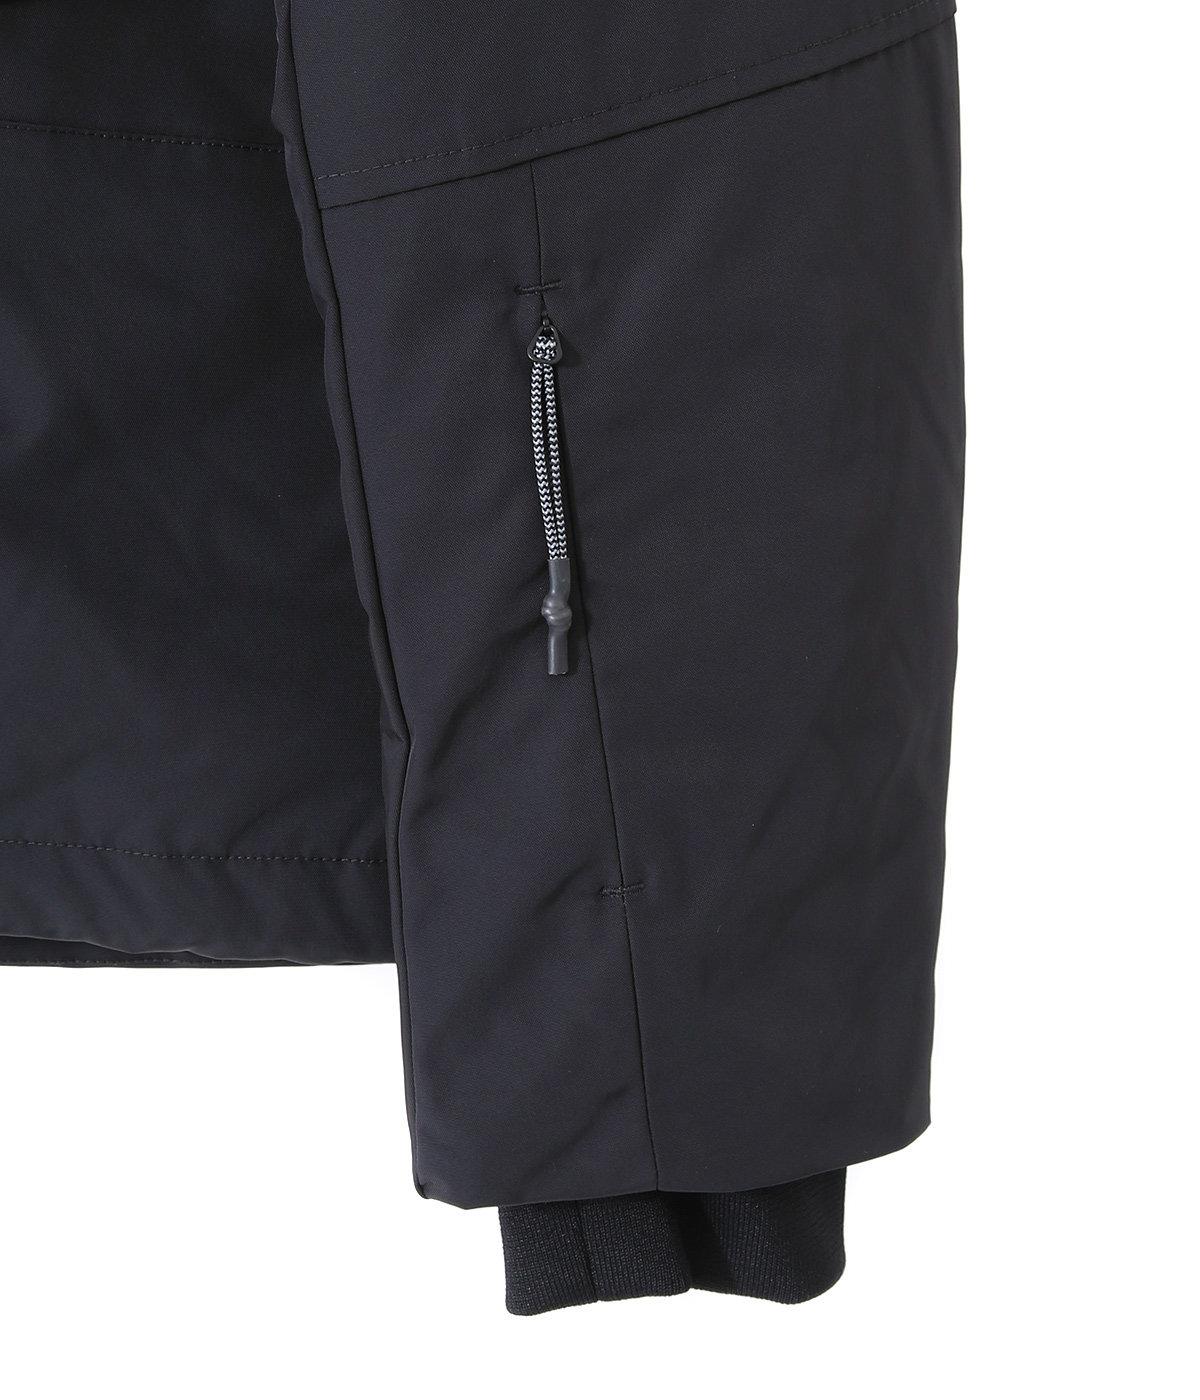 Storm Bowl 3 Jacket